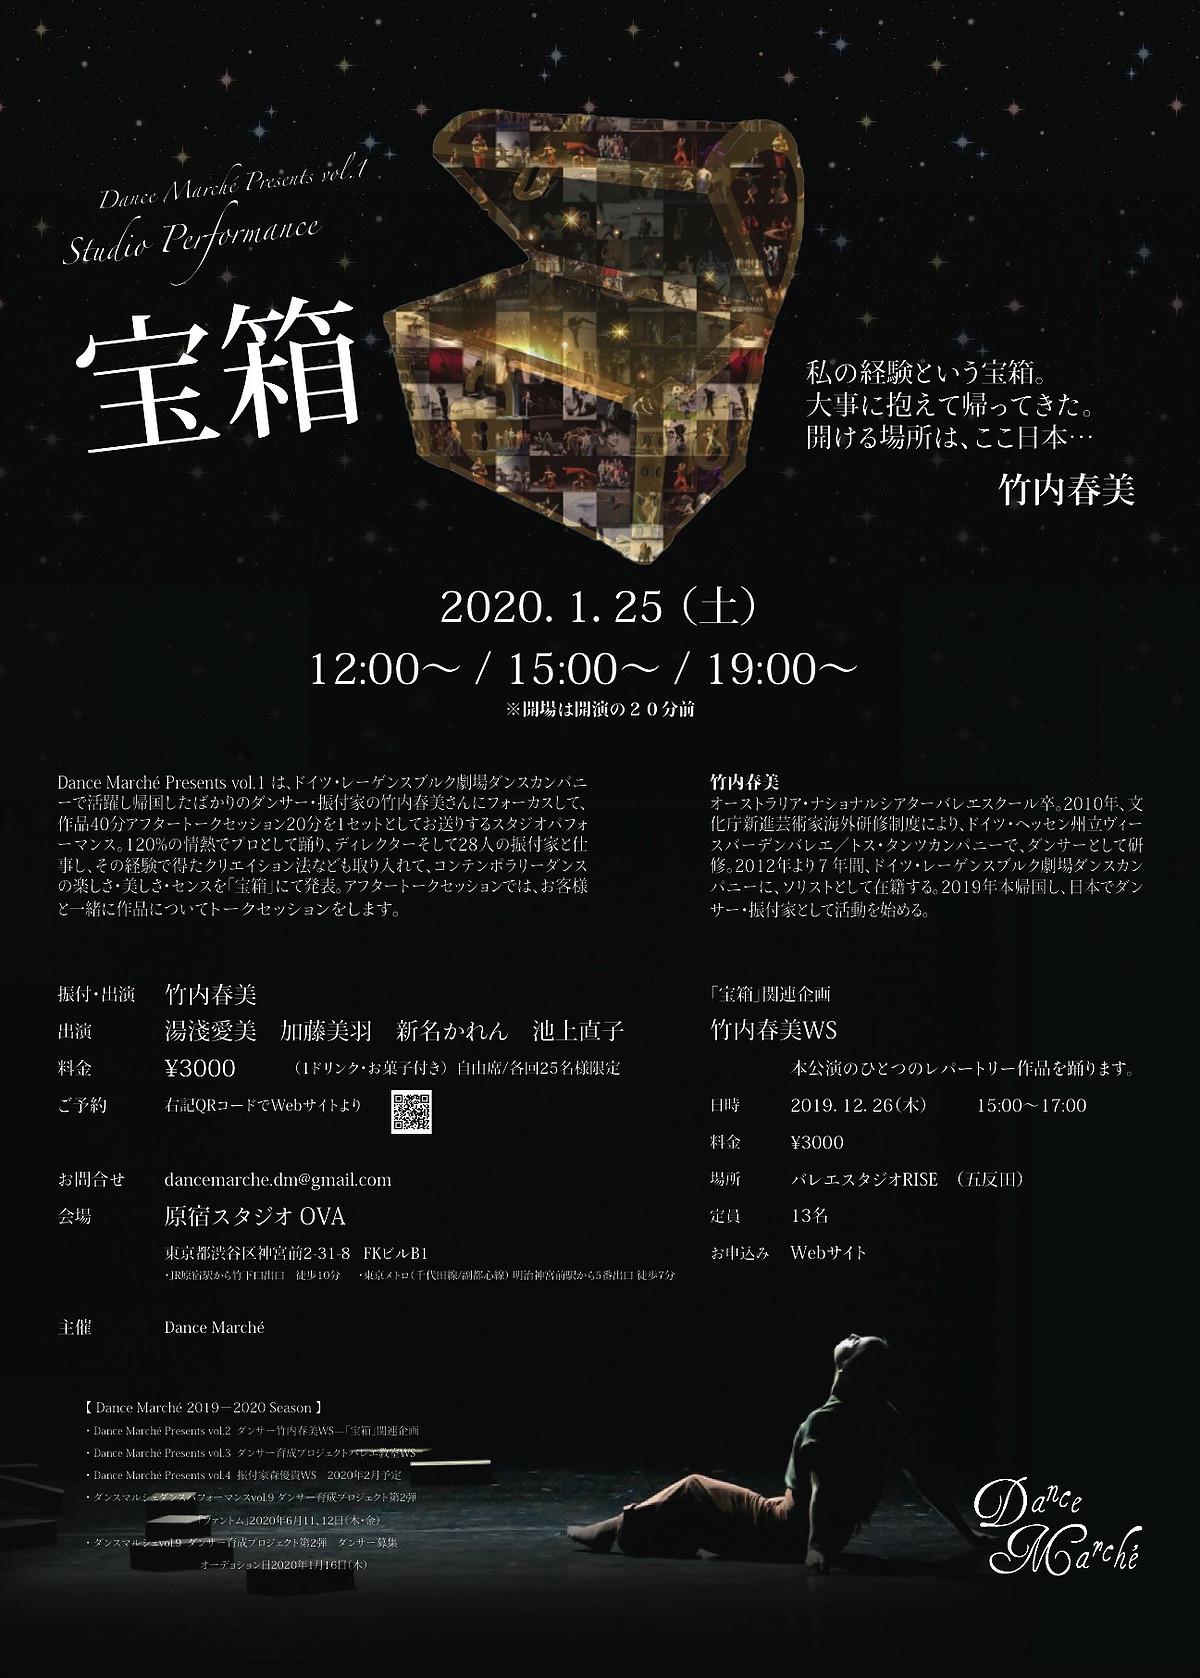 ダンス・マルシェが竹内春美氏を迎えスタジオパフォーマンスを開催!